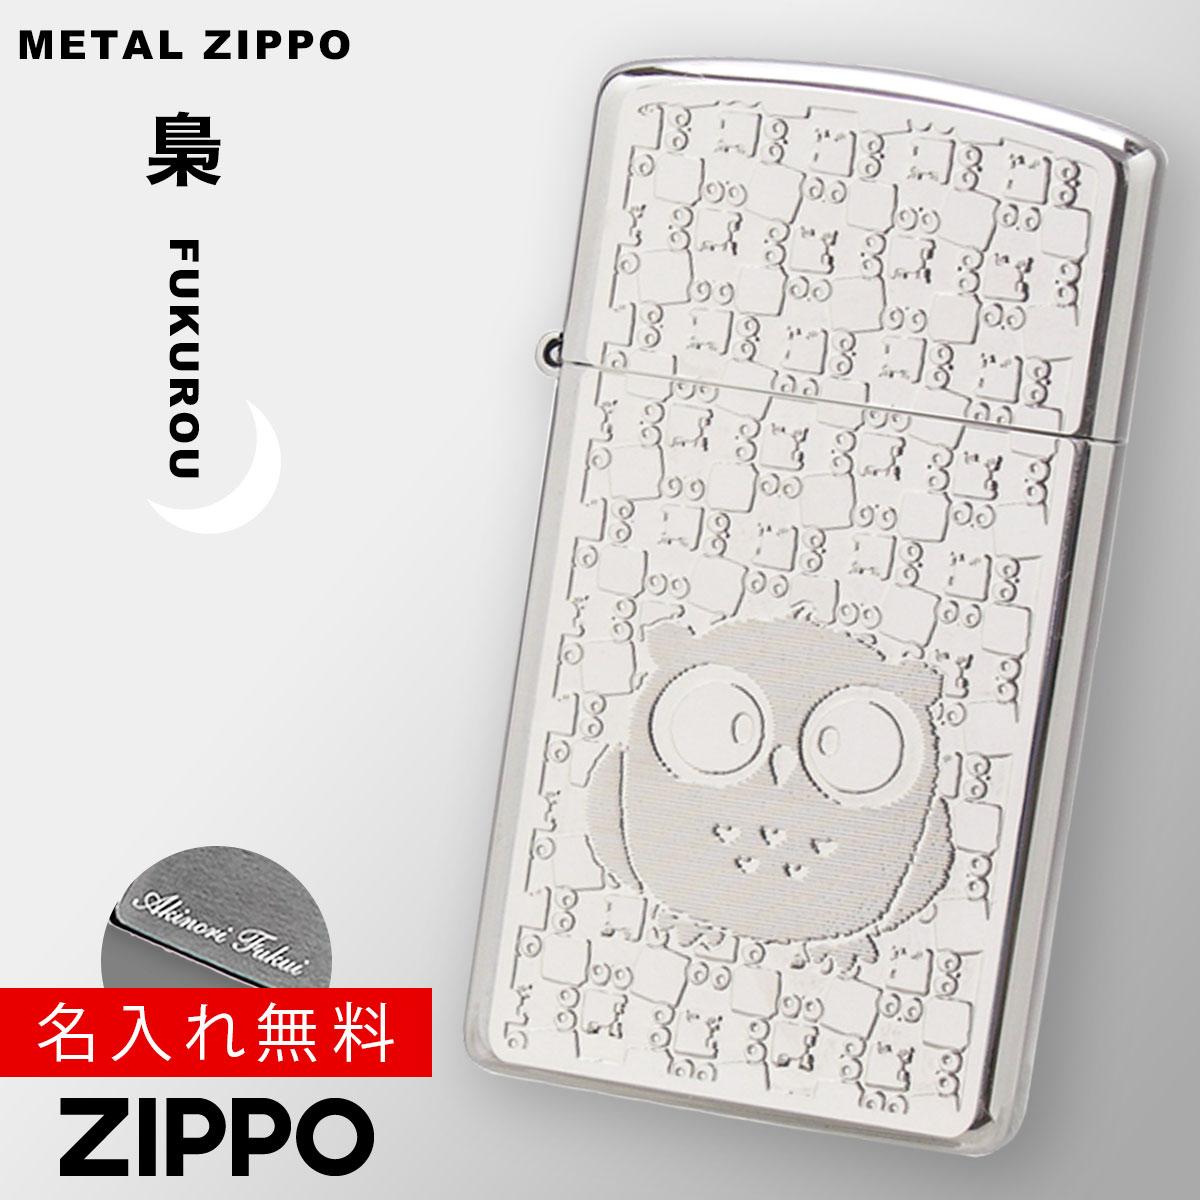 Zippo ジッポー 名入れ 彫刻 Zippoライター ジッポライター オイルライター 1600 メタルプレート 16MP フクロウ 名入れ ギフト ギフト プレゼント 贈り物 返品不可 彫刻 無料 名前 名入れ メッセージ 喫煙具